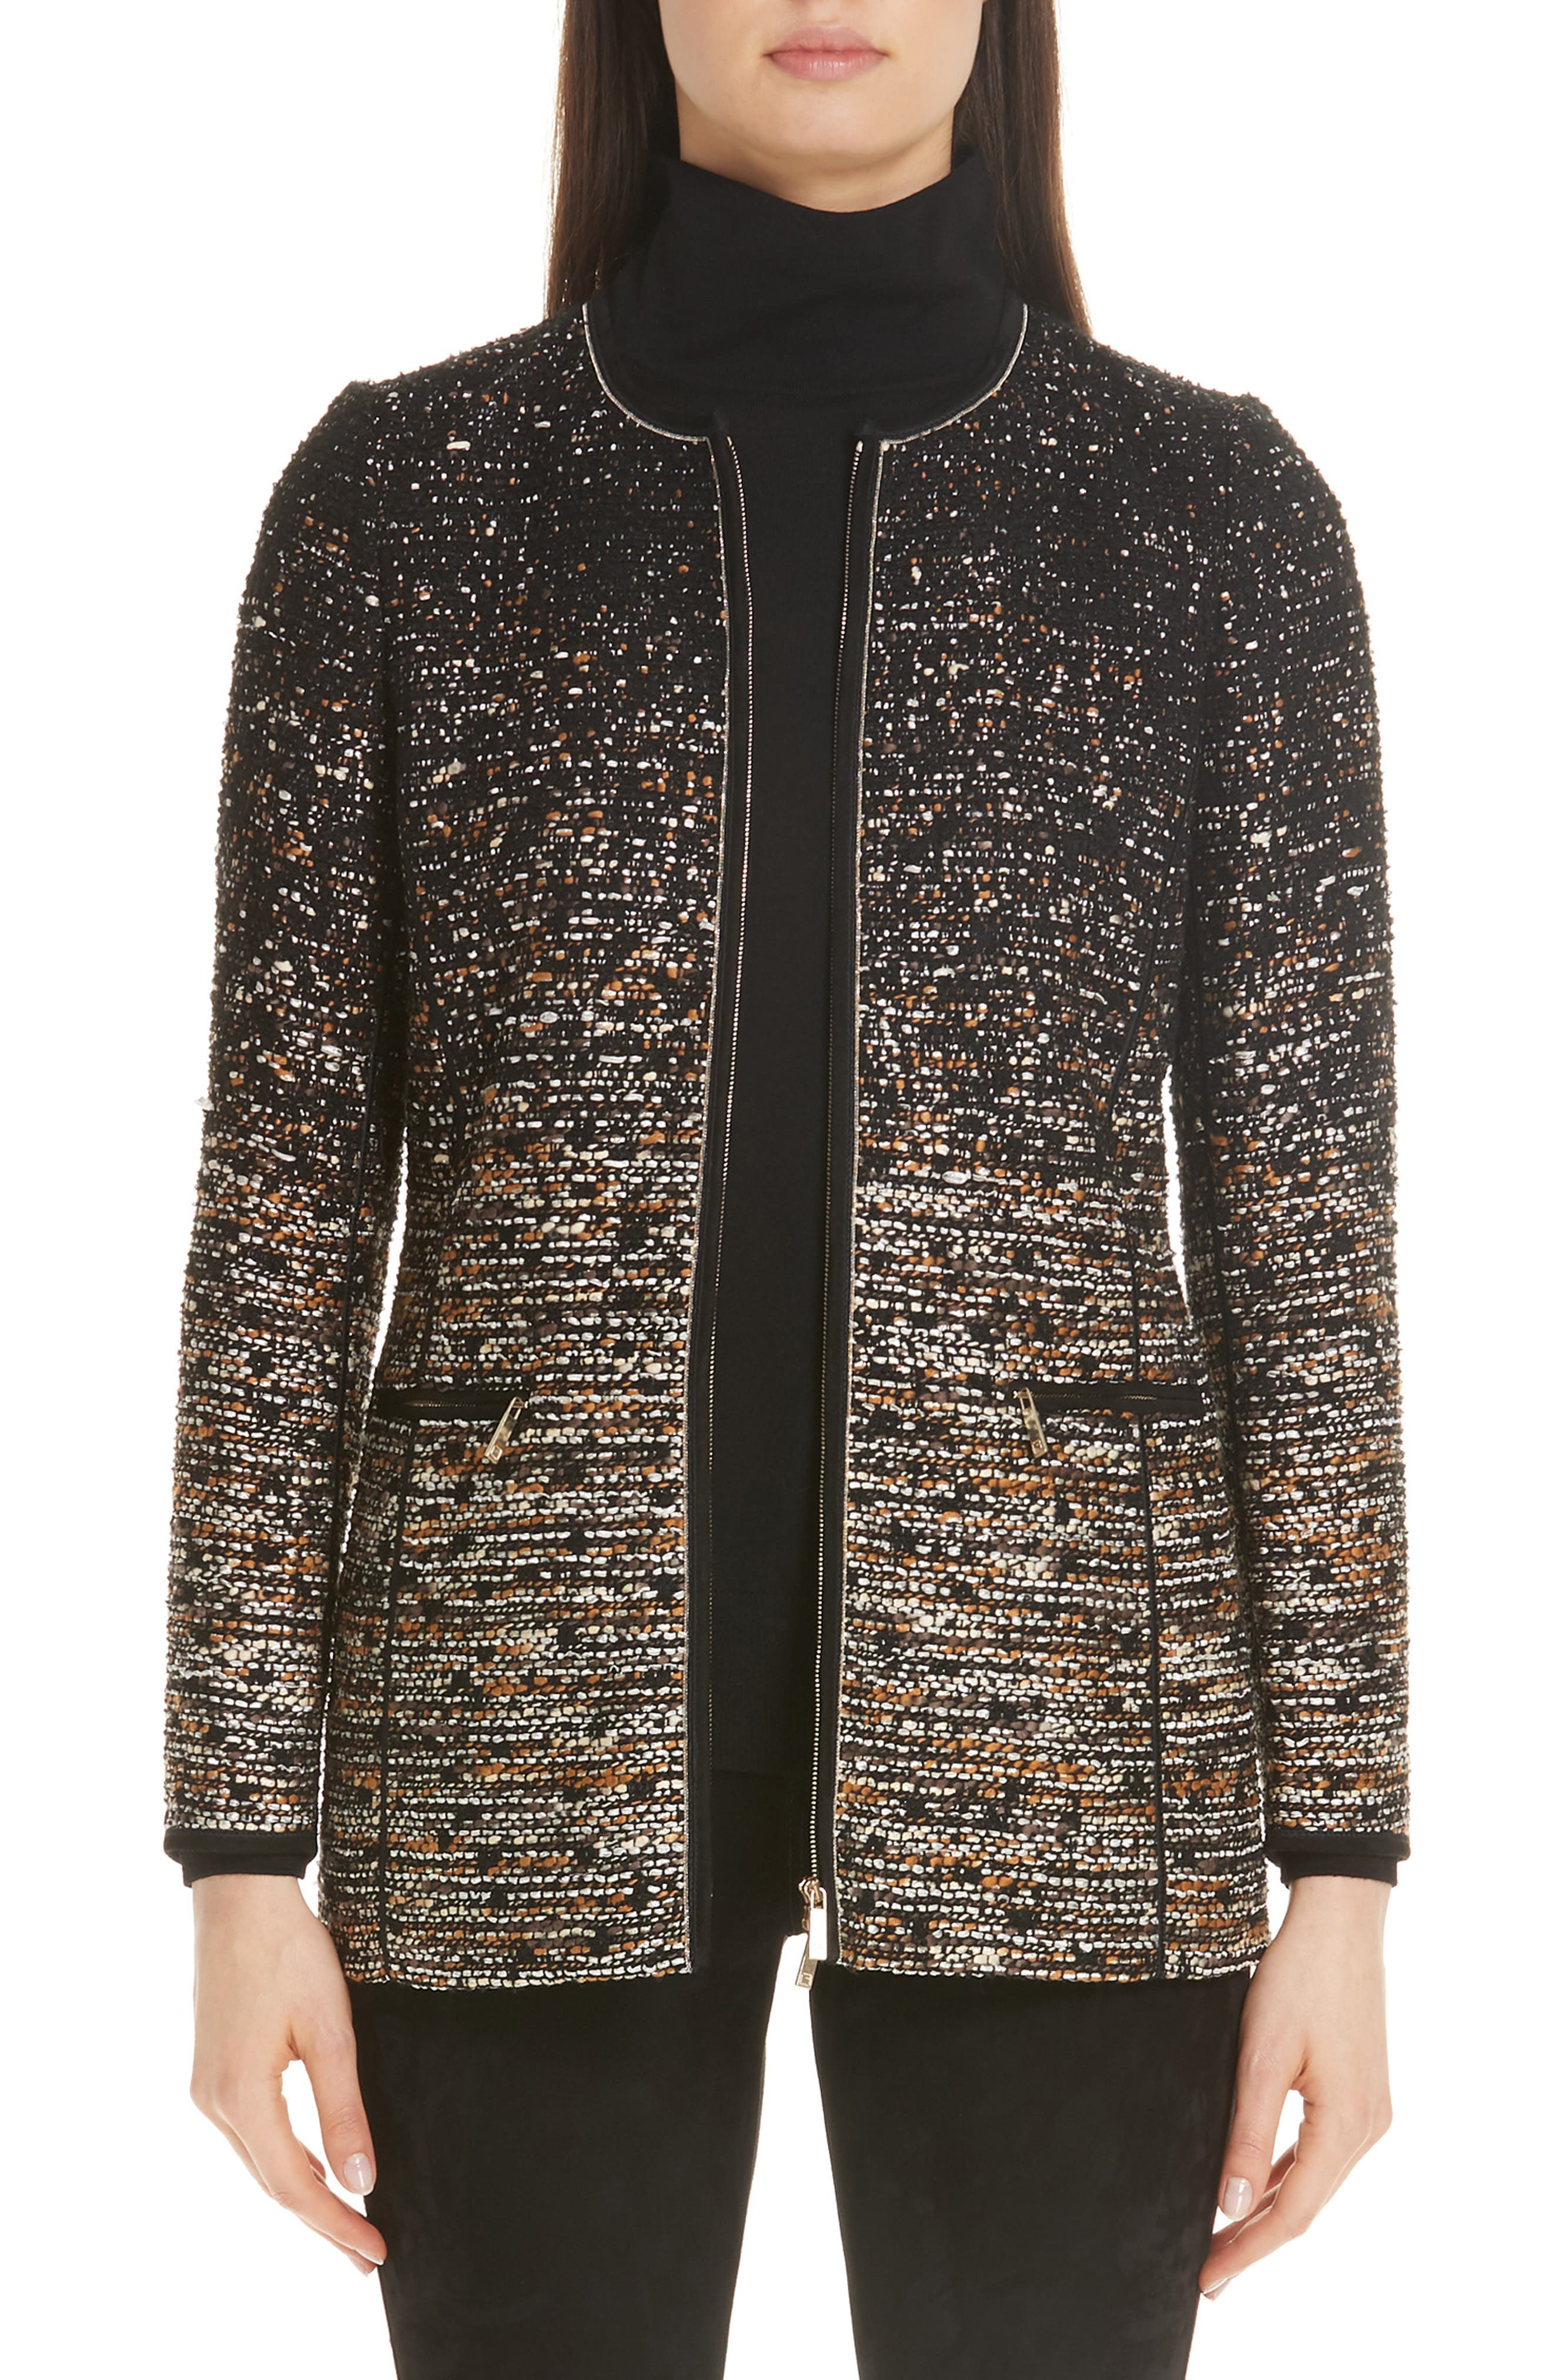 LAFAYETTE 148 Karina Zip-Front Tweed Jacket W/ Tape Seams in Black Multi